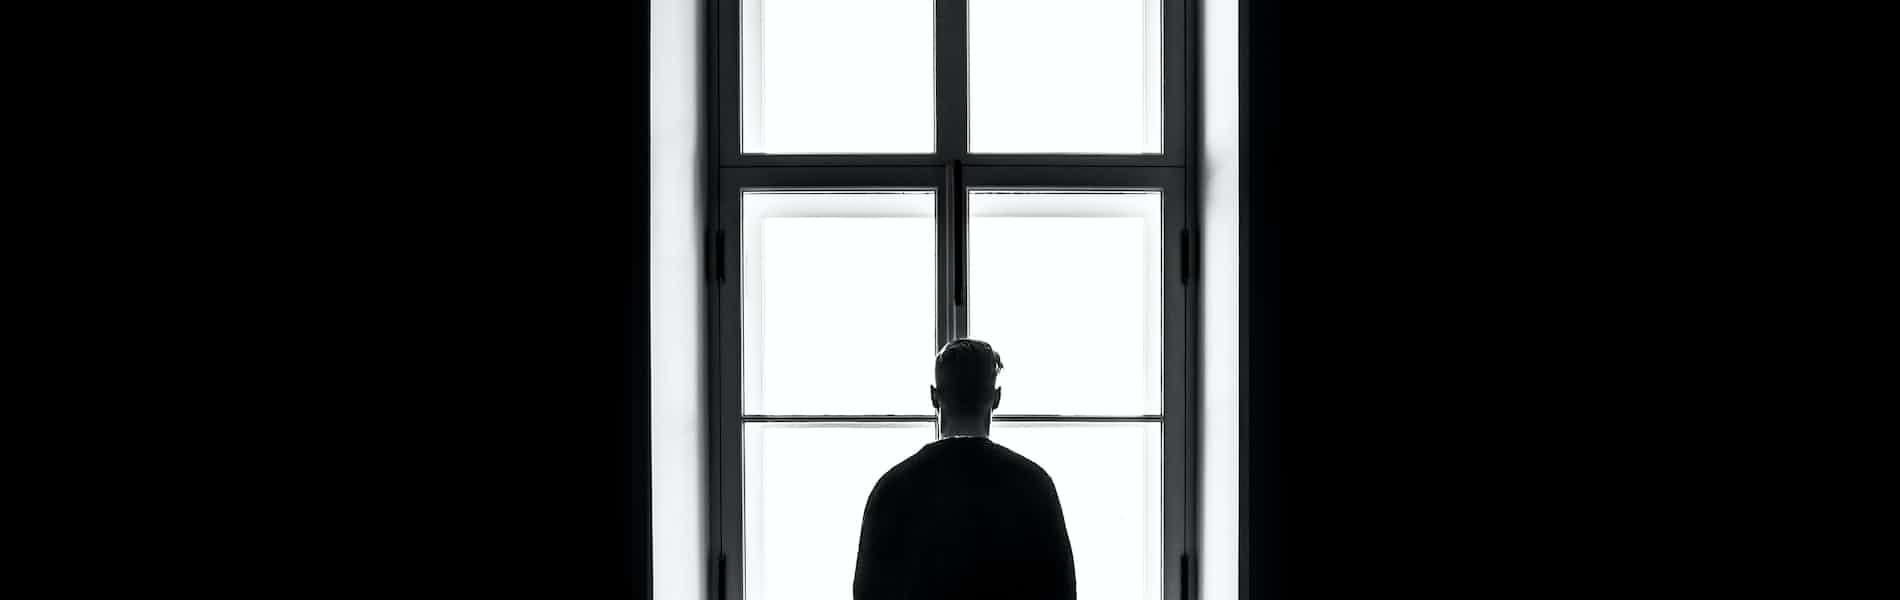 הטרגדיה של סכיזופרניה ללא פסיכותרפיה | סקירת מאמרו של קארון